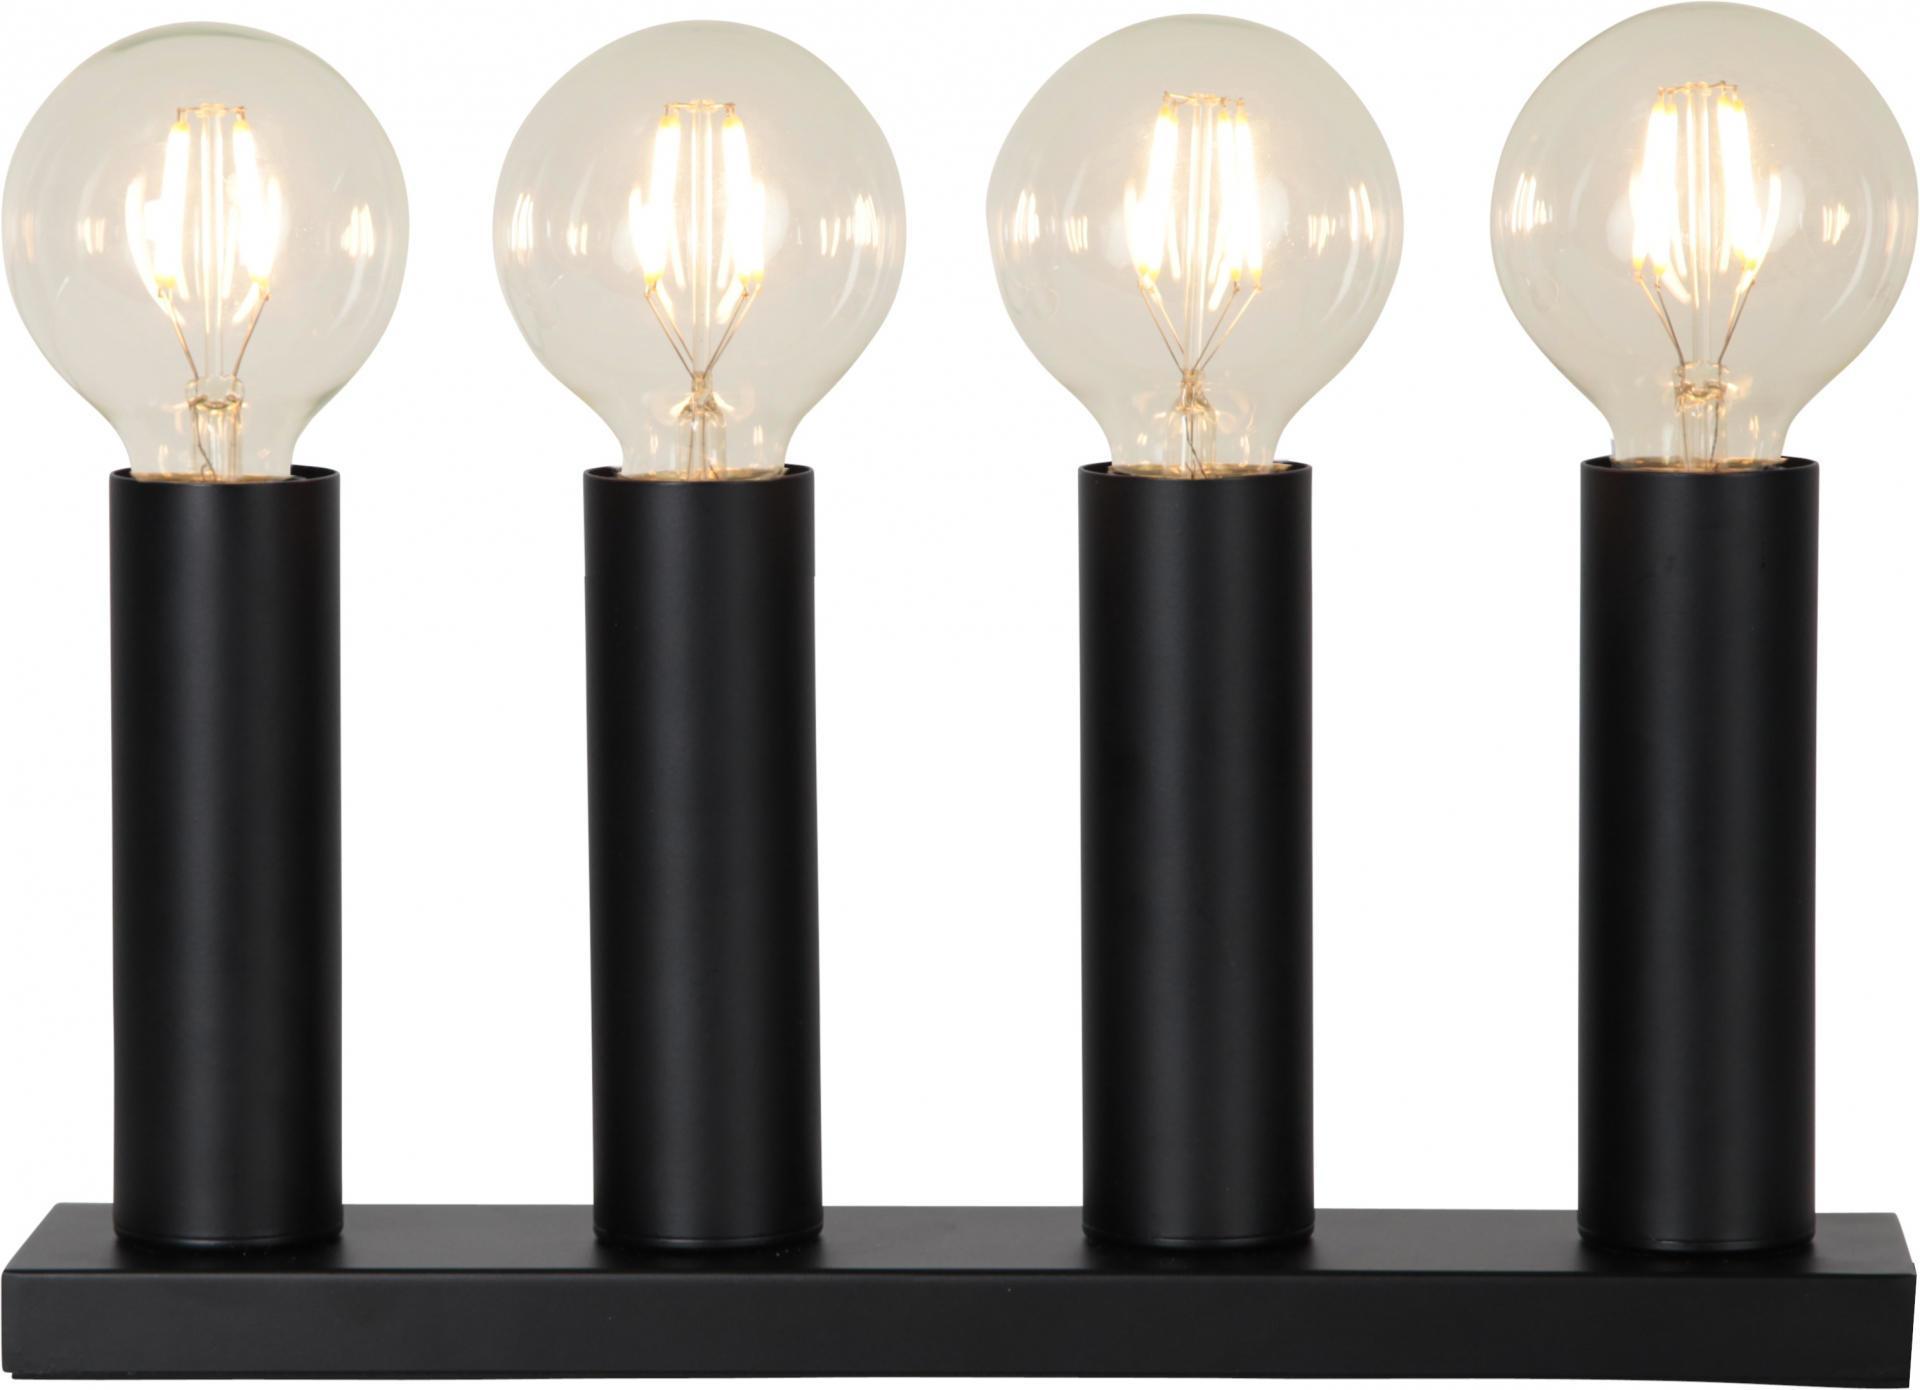 STAR TRADING Elektrický svícen - Candlestick Glans Black, černá barva, sklo